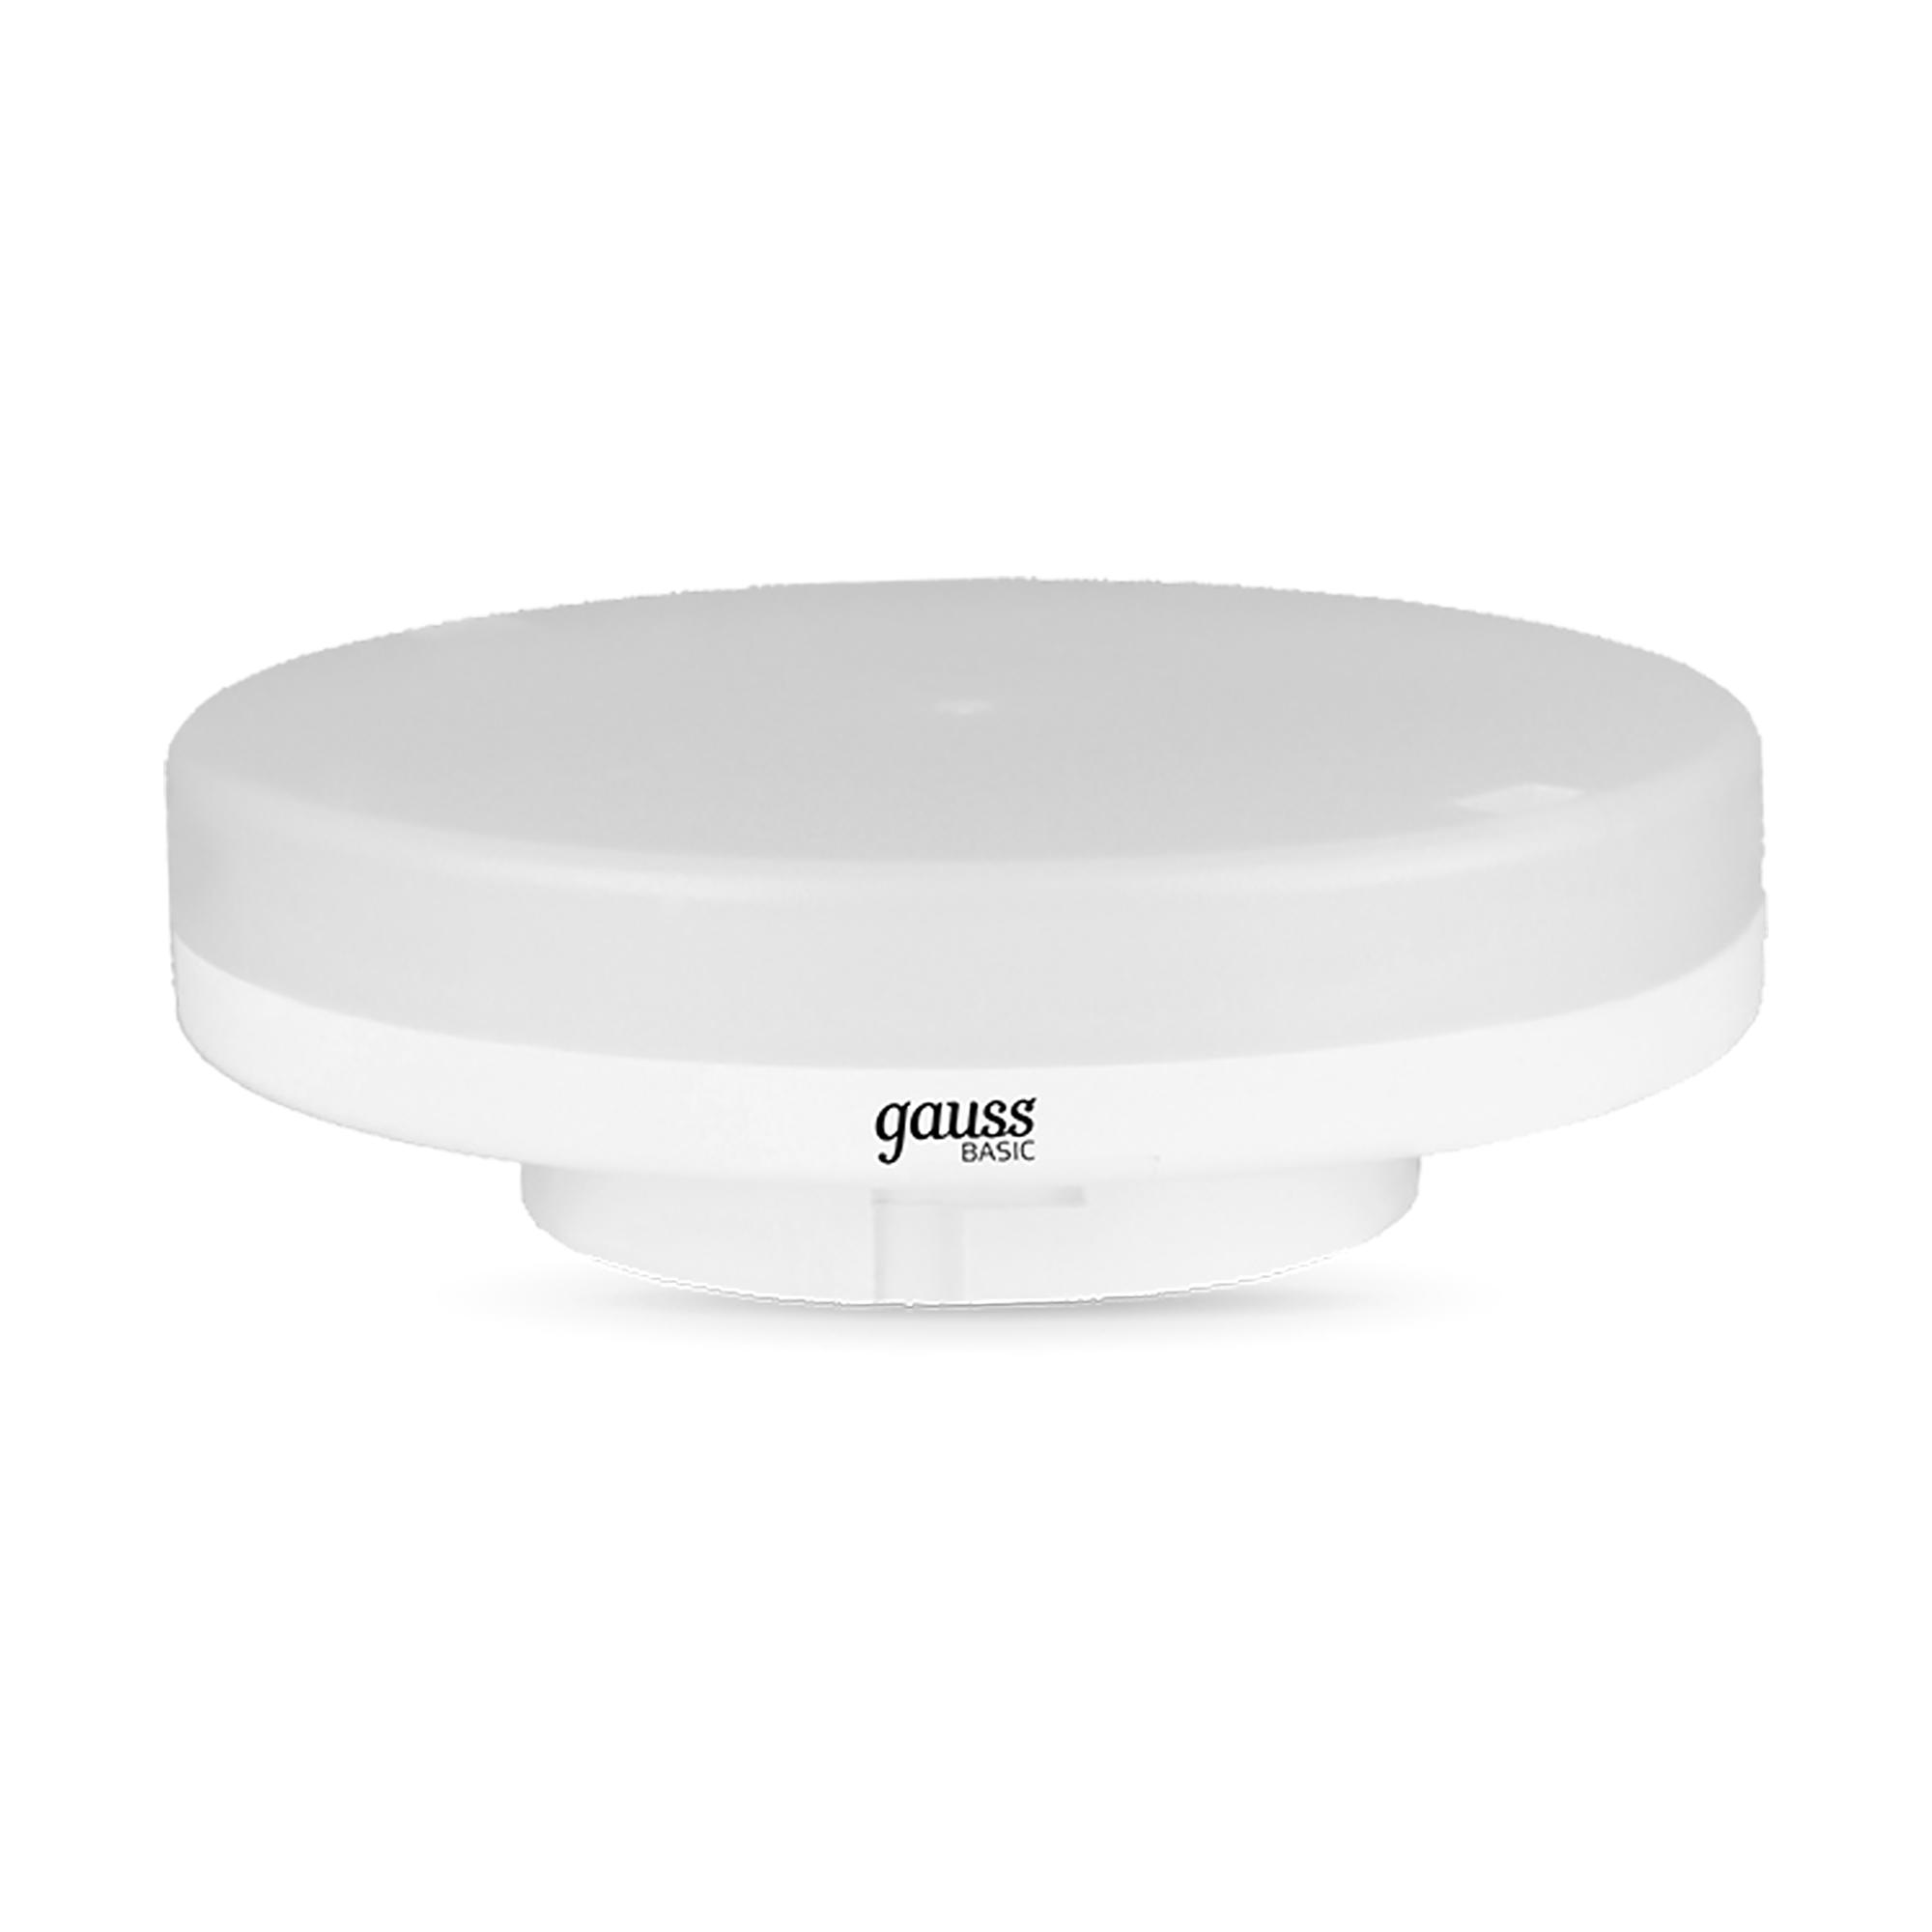 Лампа светодиодная Gauss Basic GX53 230 В 5.5 Вт диск 420 лм свет тёплый белый